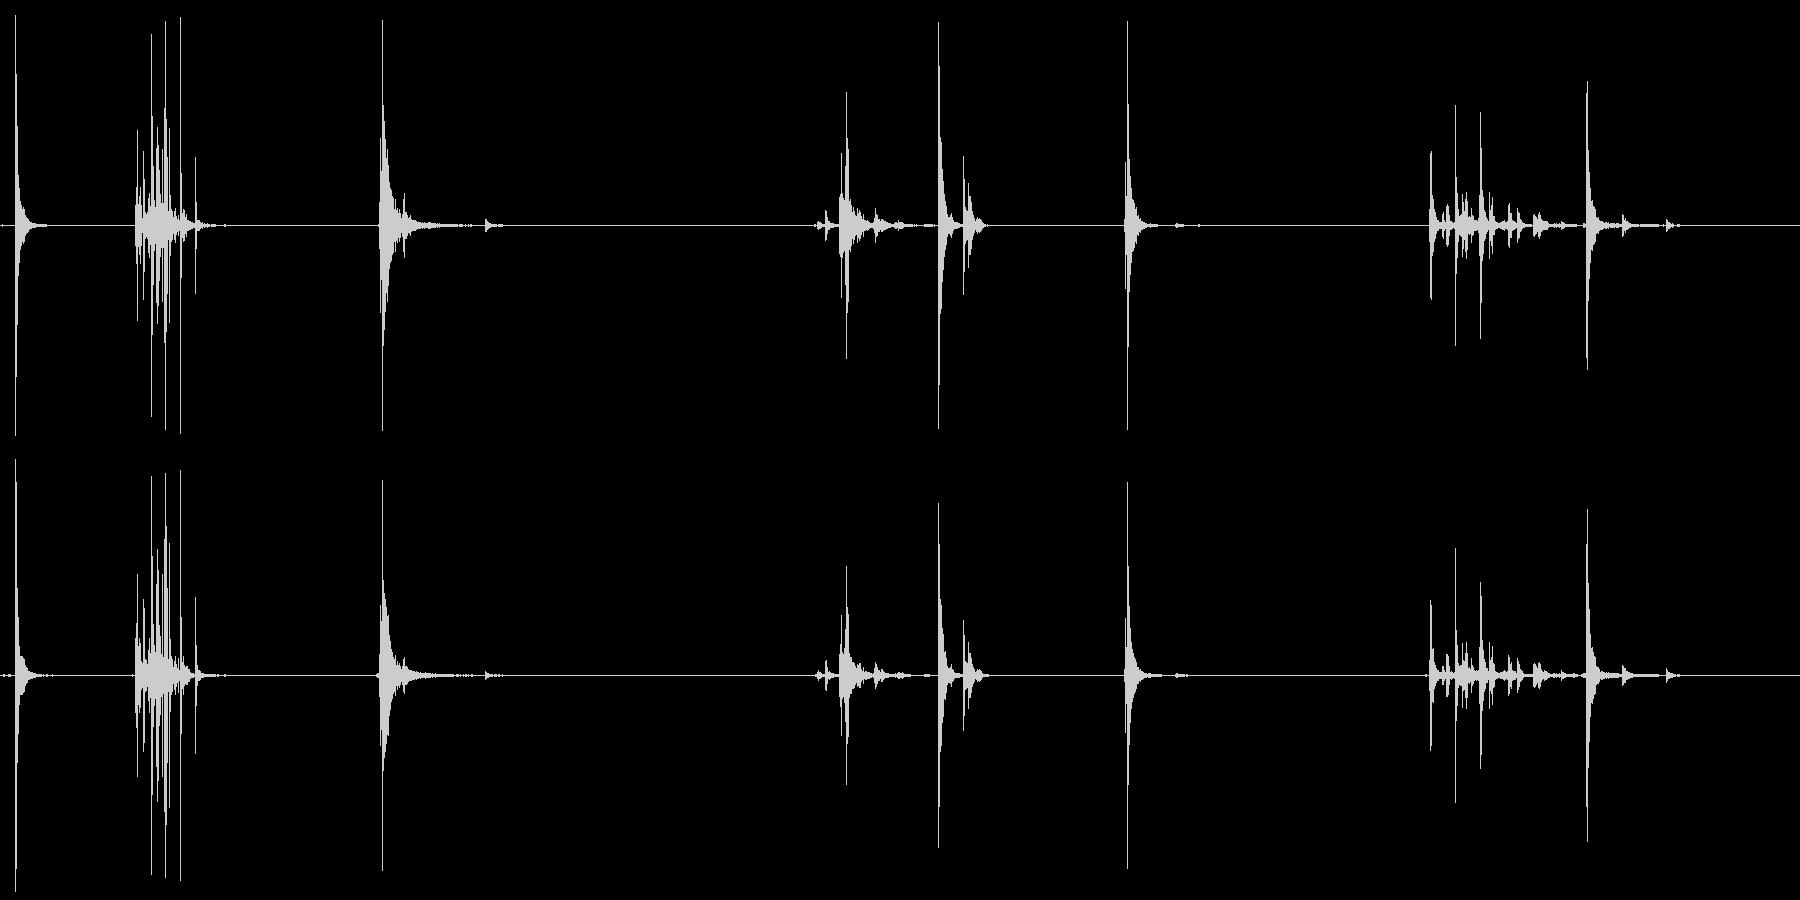 アルミニウム、クラッシュ、ヒット、...の未再生の波形